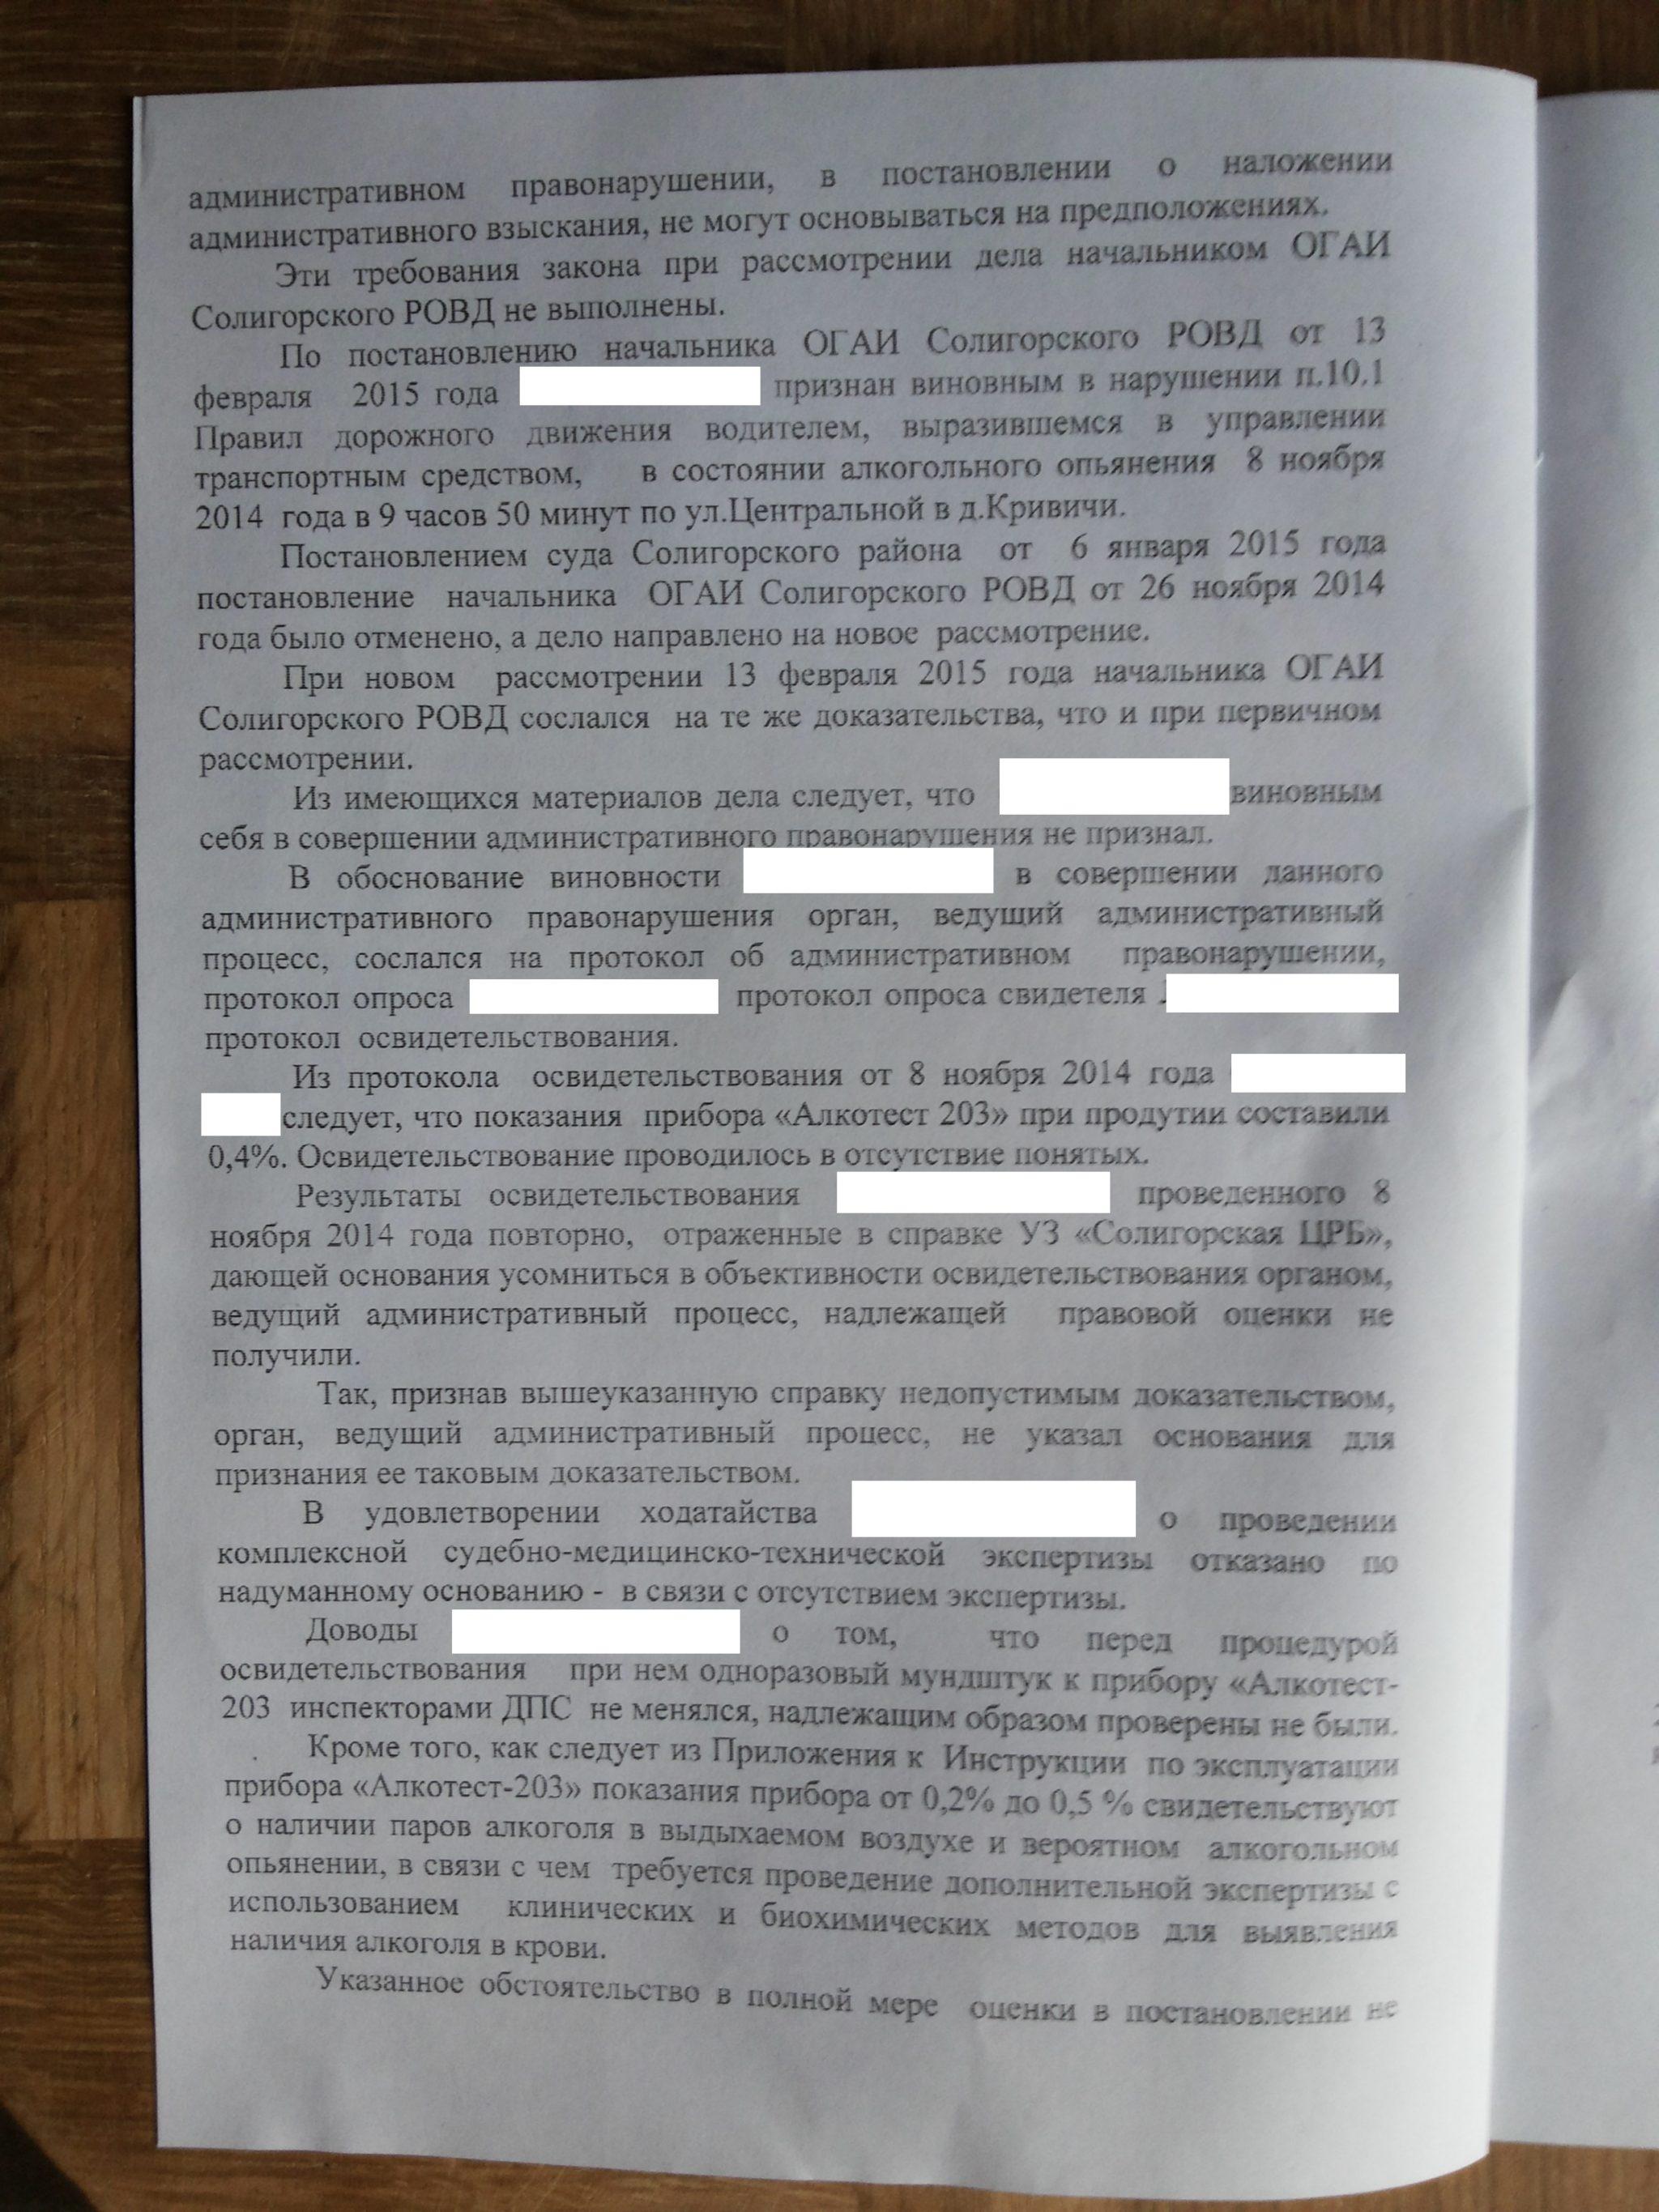 нарушение процедуры освидетельствования водителя на алкоголь - постановление суда Солигорского района по делу по управлению ТС в состоянии опьянения